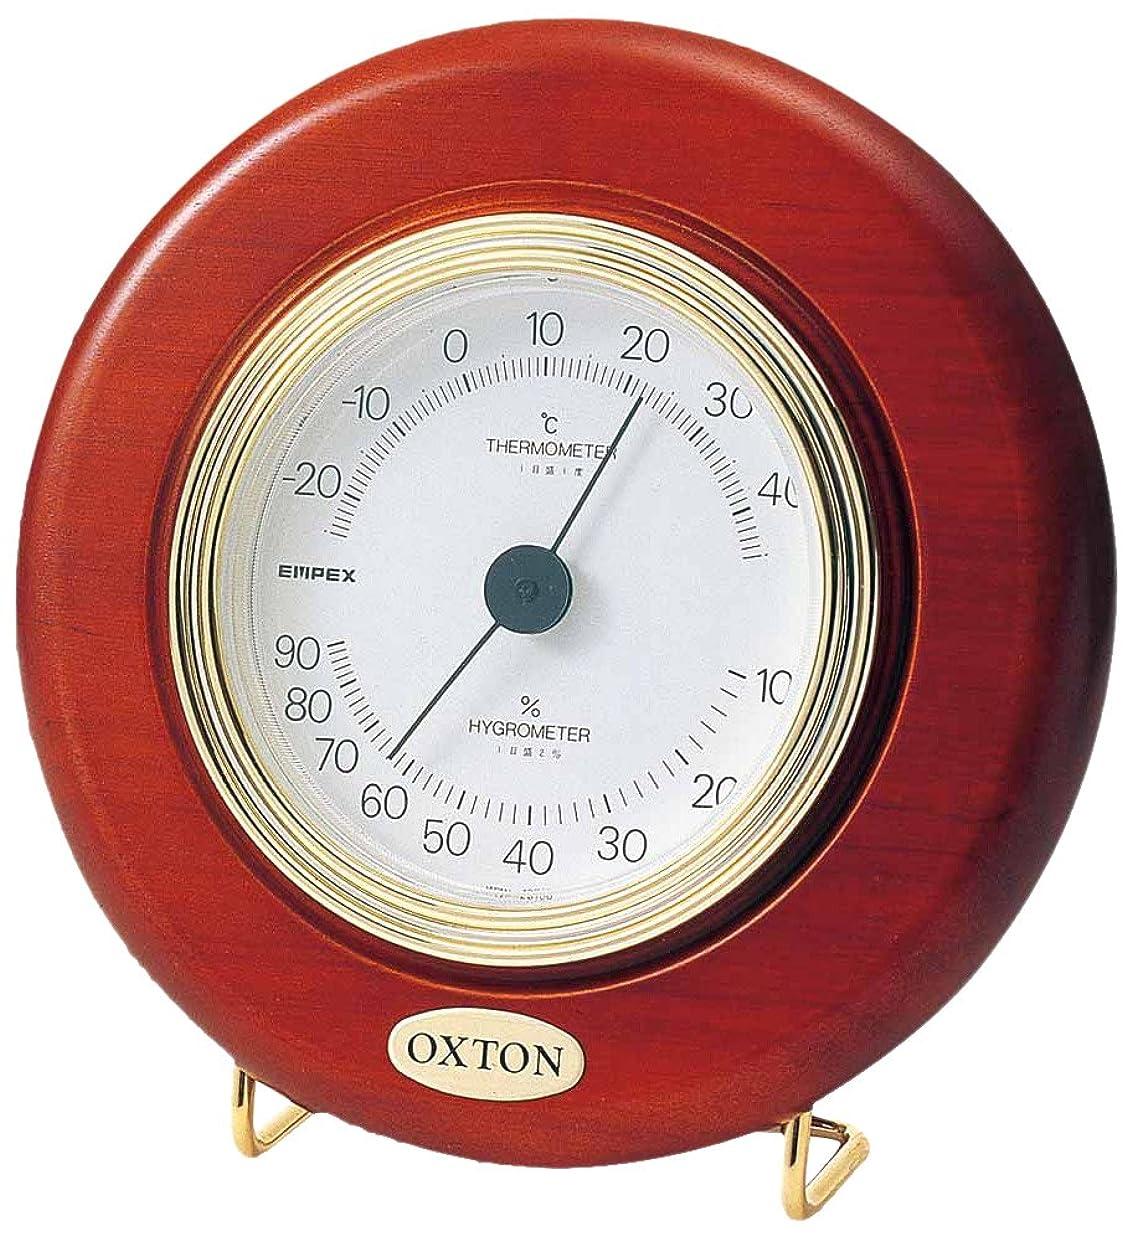 皮ノイズトランジスタエンペックス気象計 温度湿度計 オックストン?カプリ温湿度計 置き掛け兼用 日本製 ブラウン TM-6168